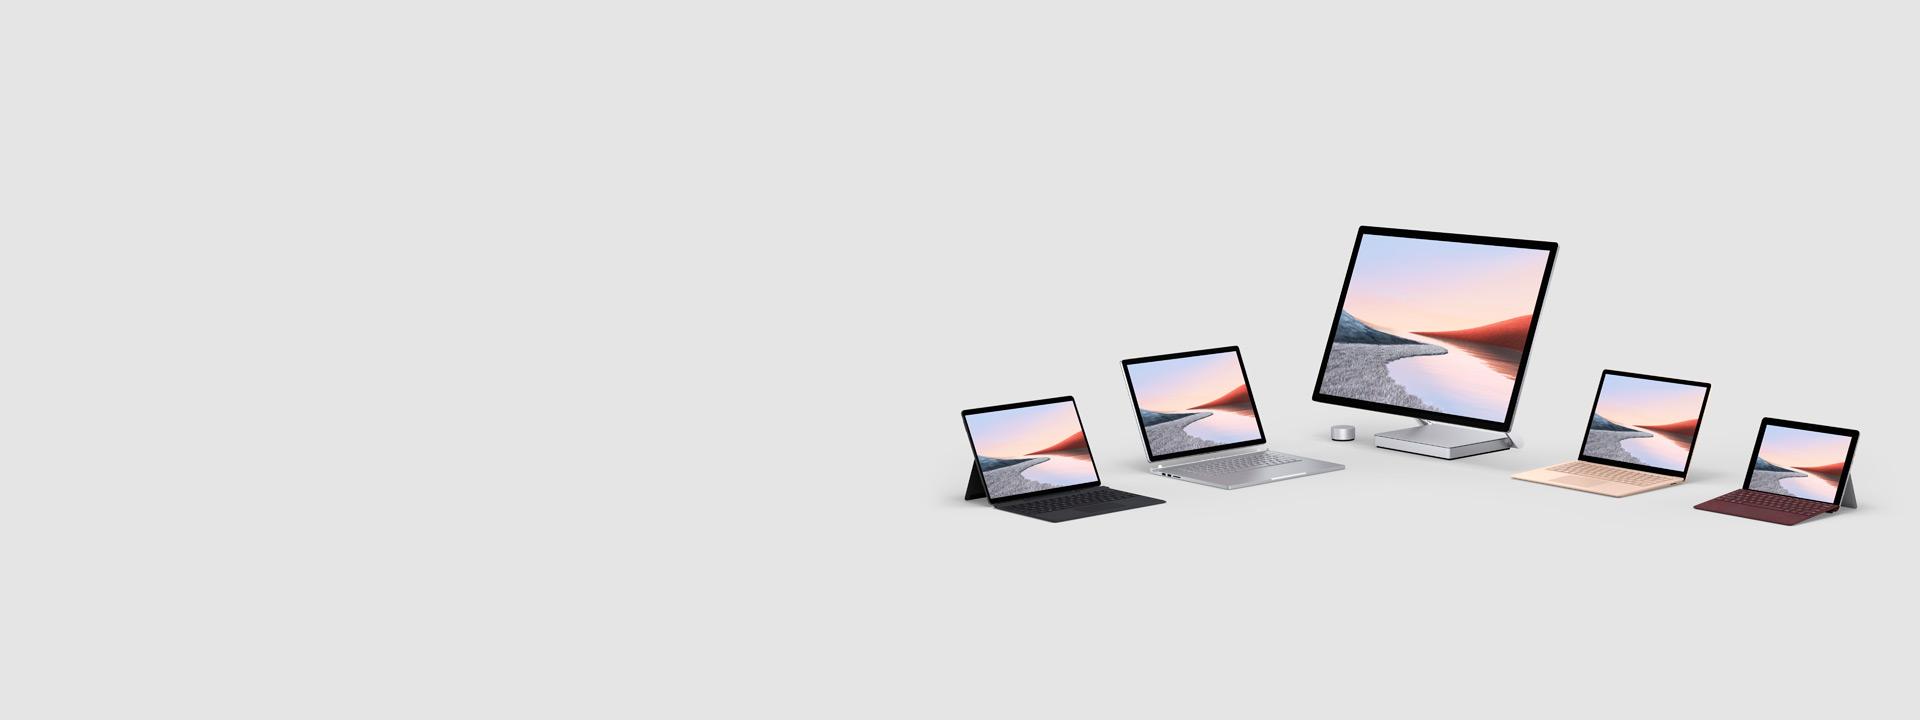 Mehrere Computer von Surface, darunter Surface Pro 7, Surface Pro X , Surface Book 2, Surface Studio 2 und Surface Go